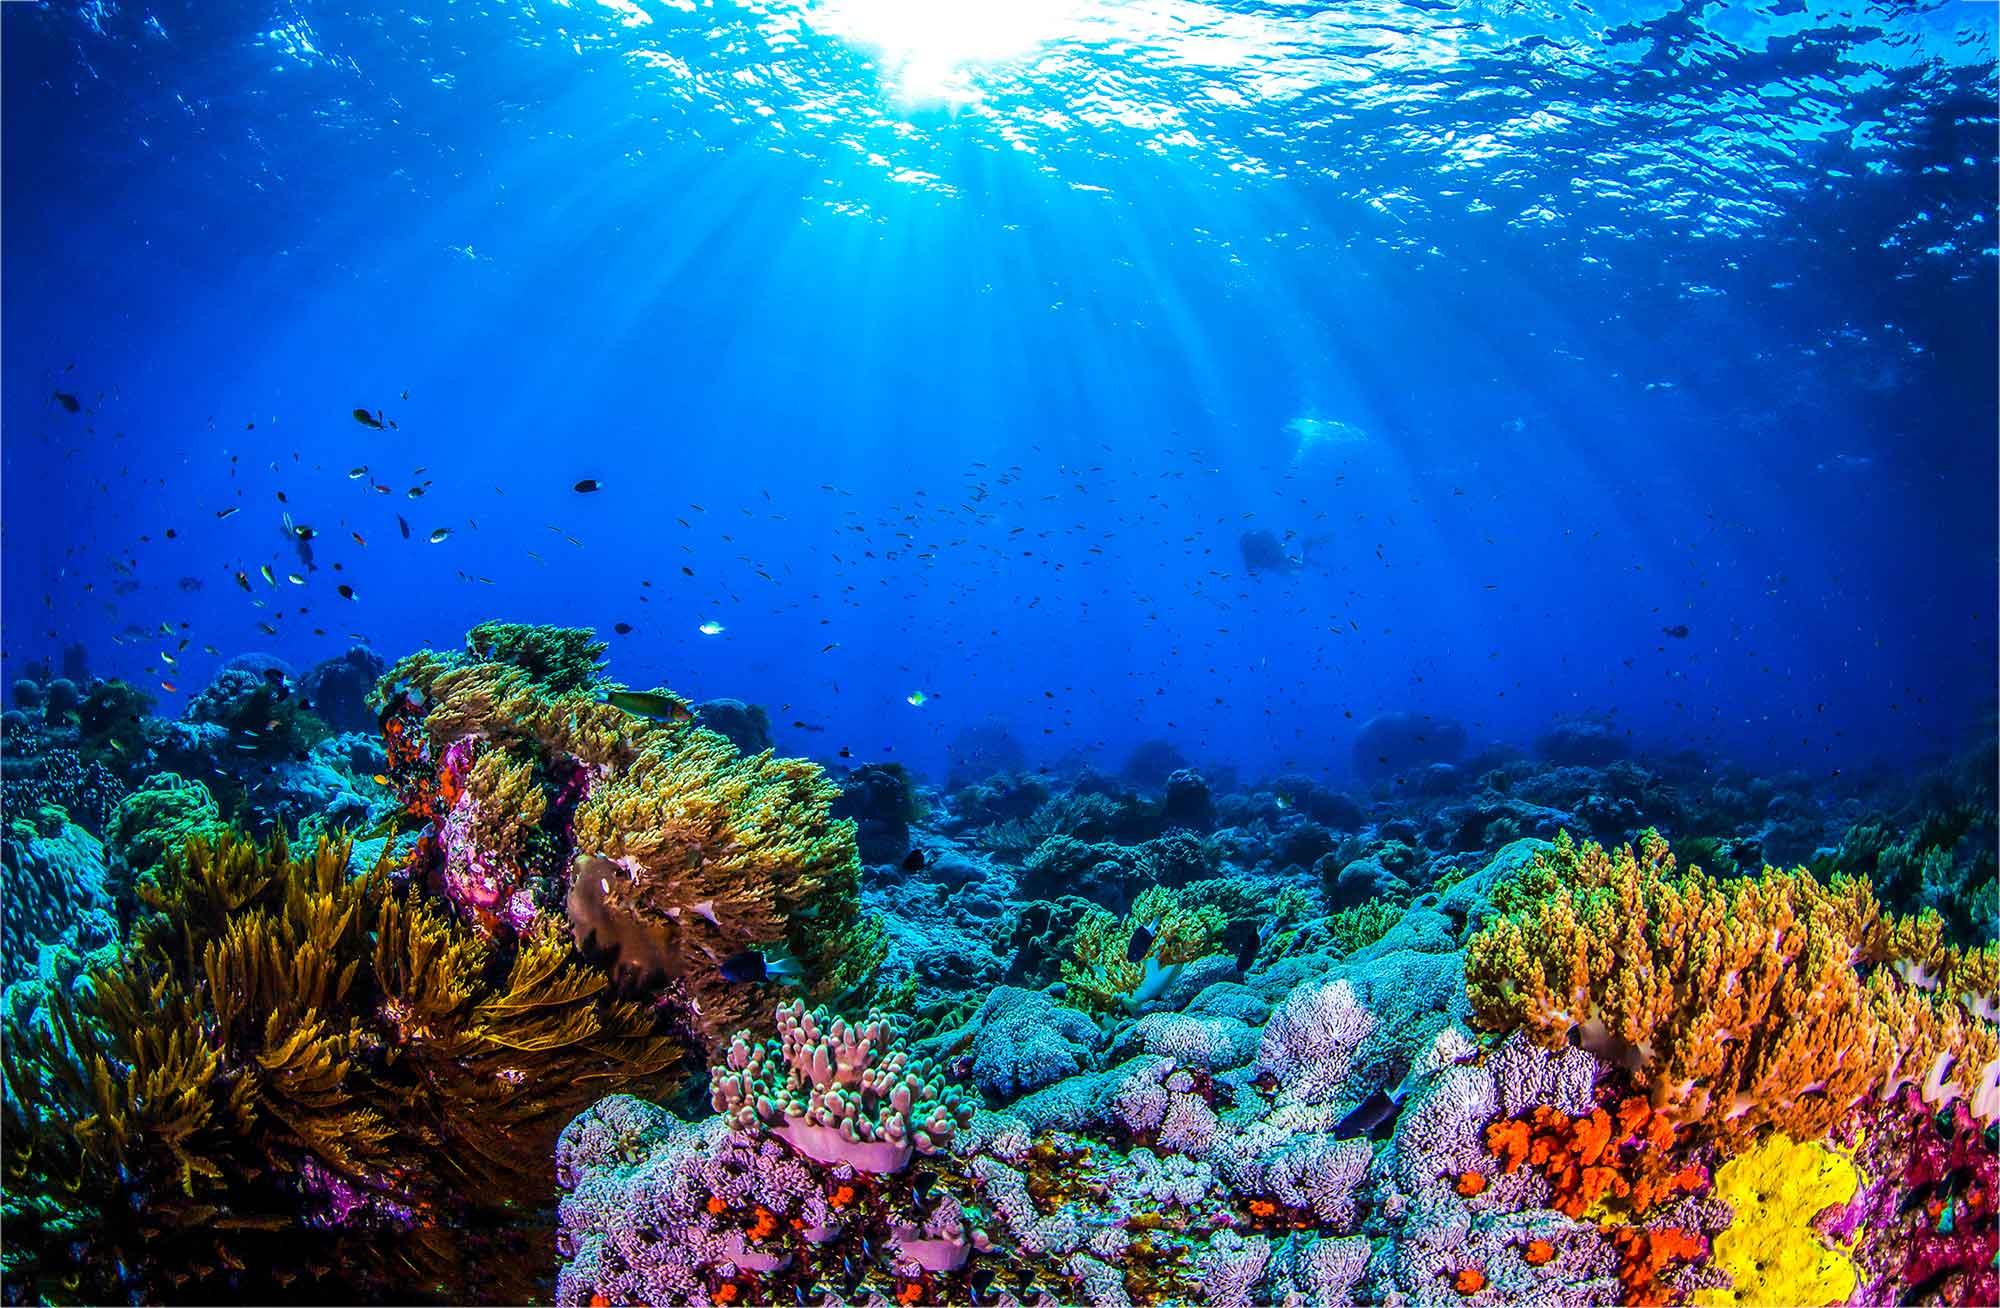 Soortenrijkdom onder water